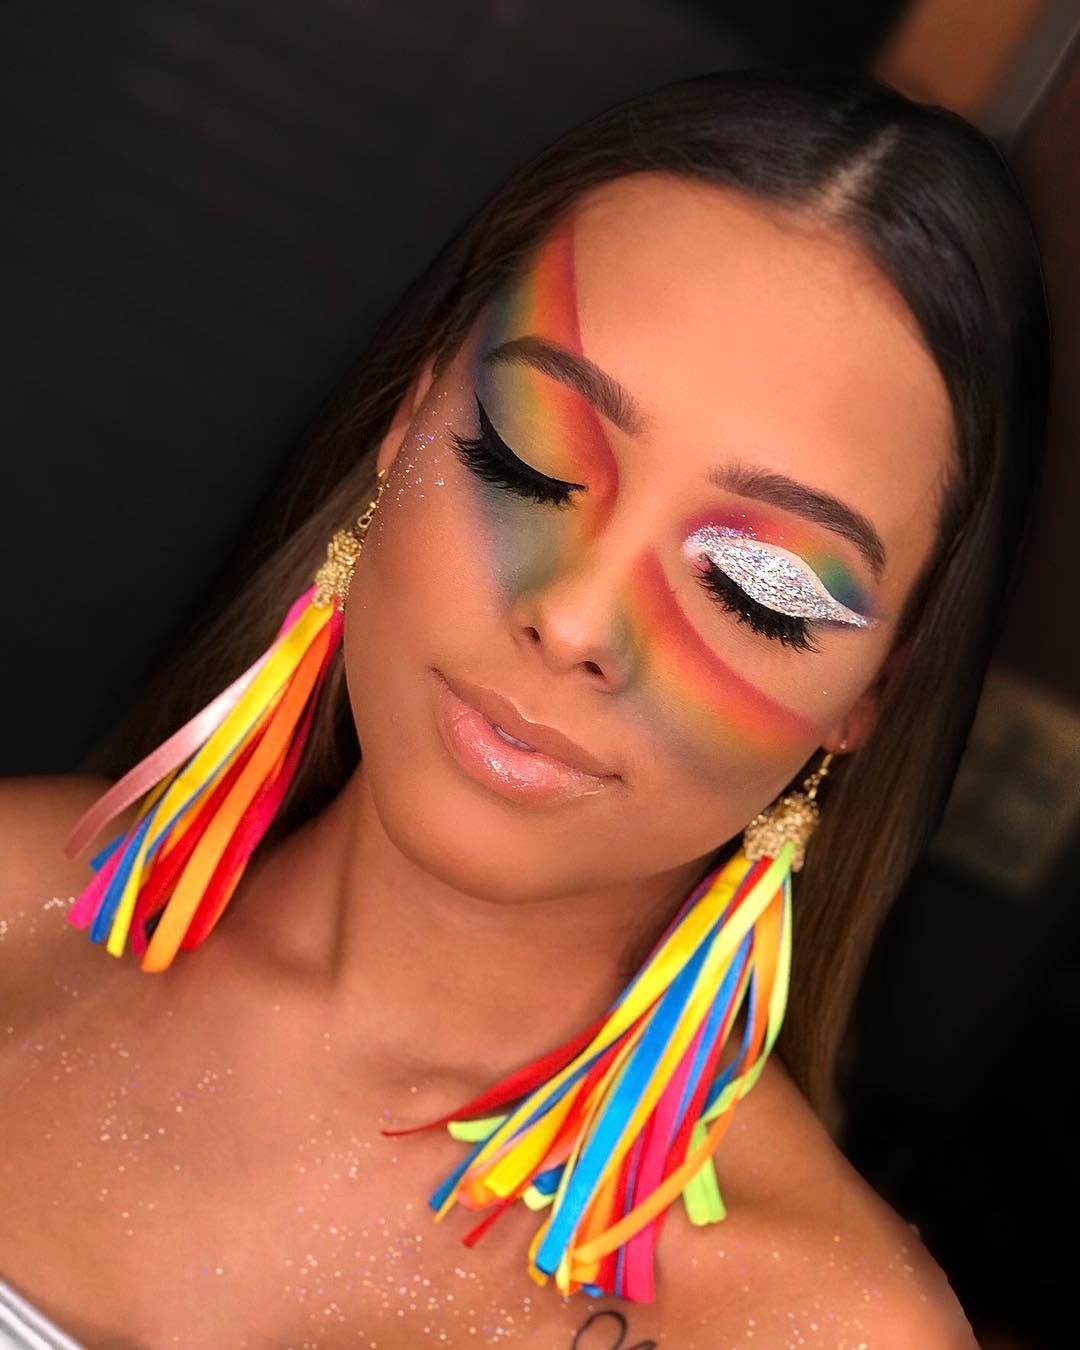 maquiagem arco-íris